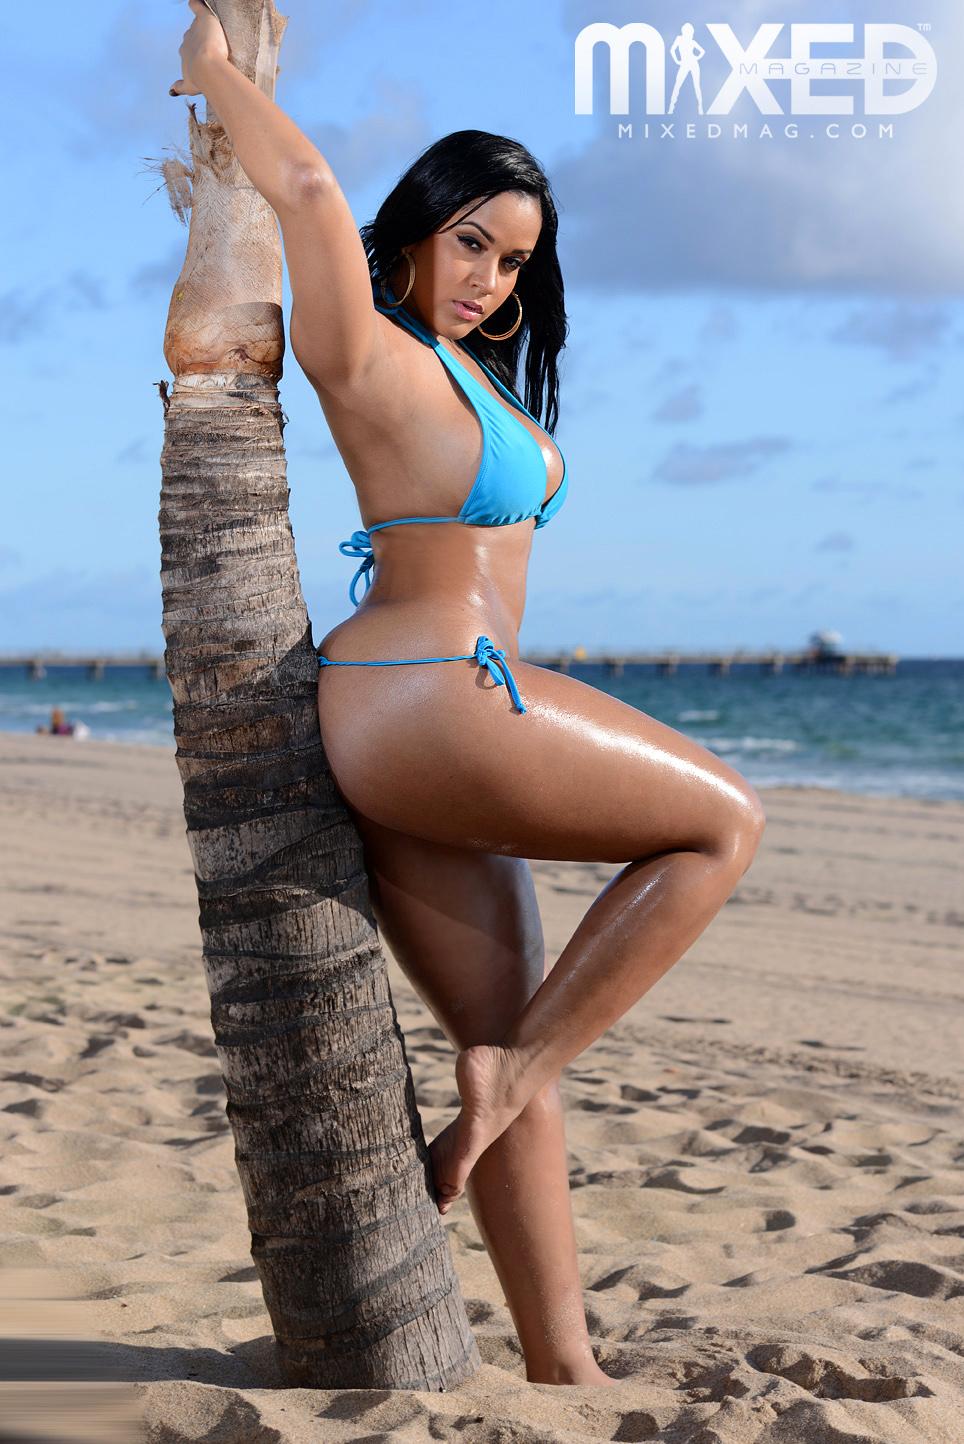 Amanda carrier nude